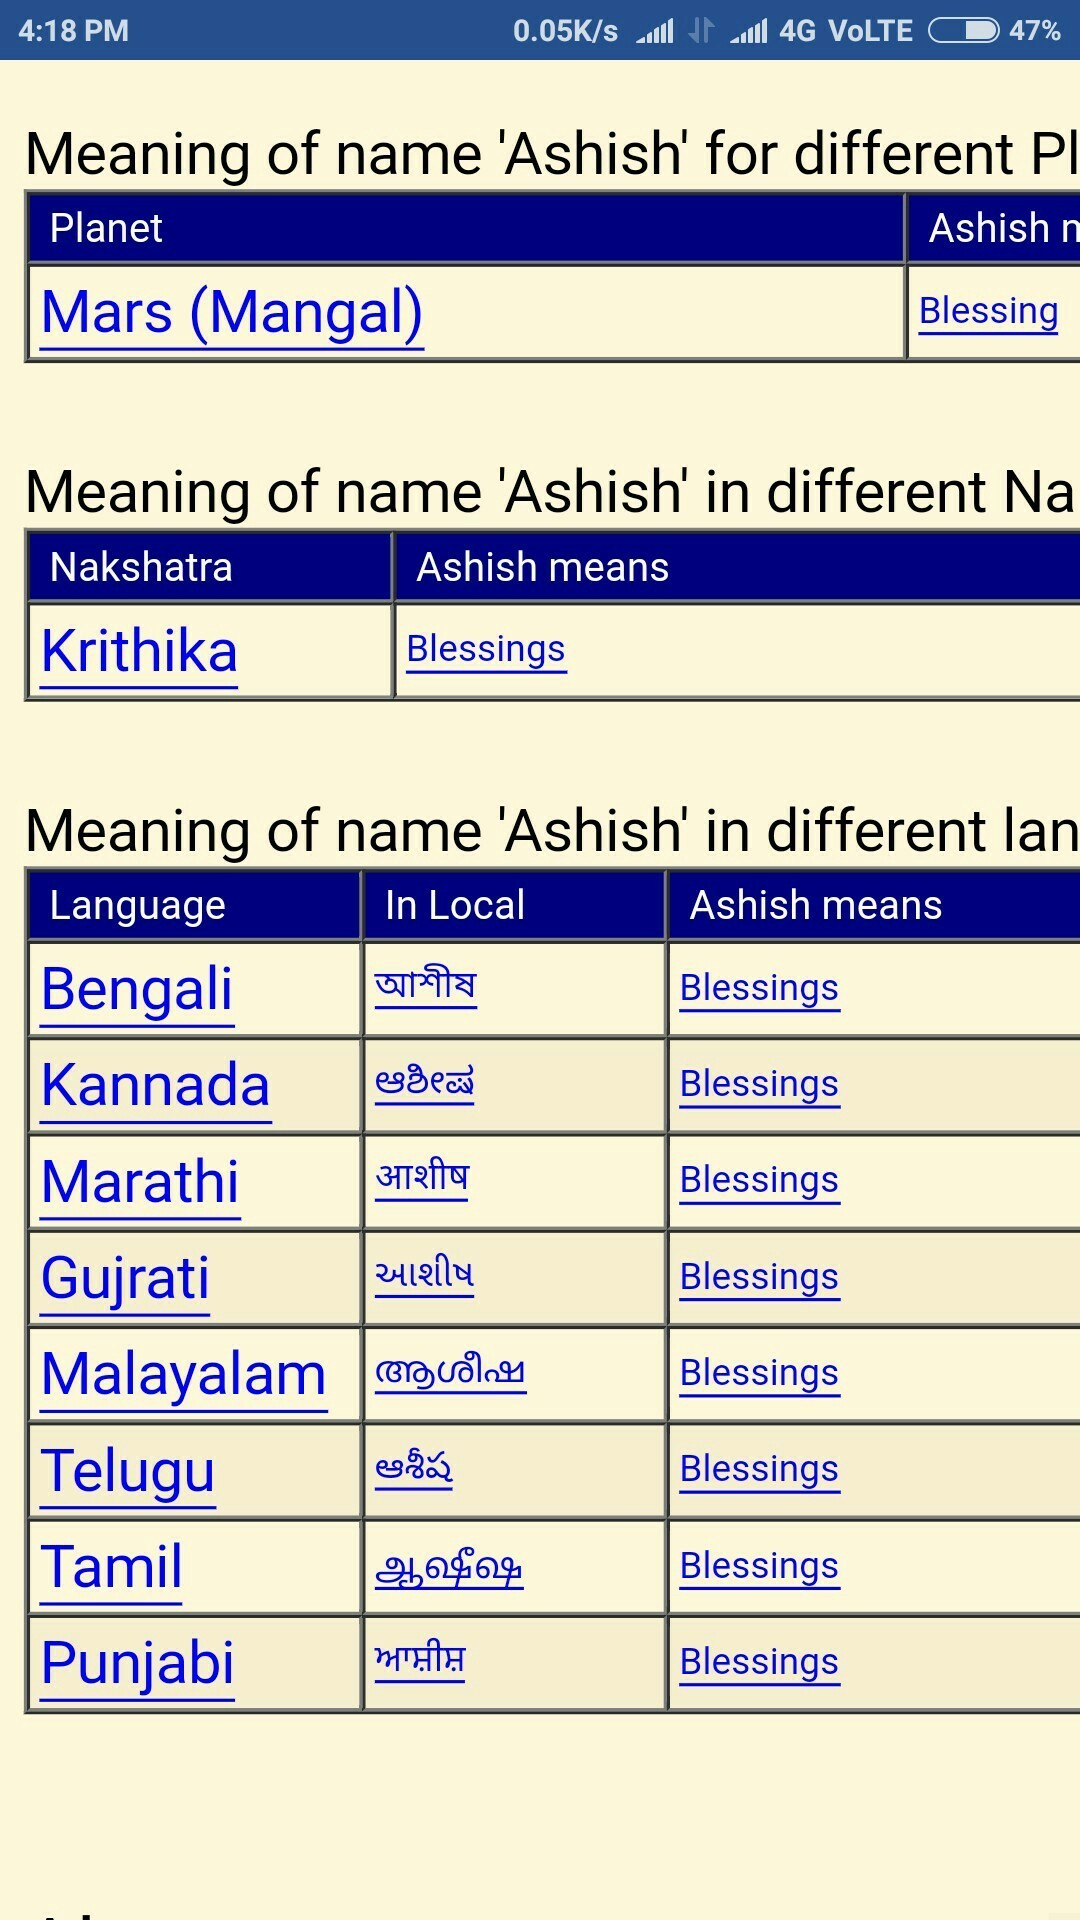 ashish name image download